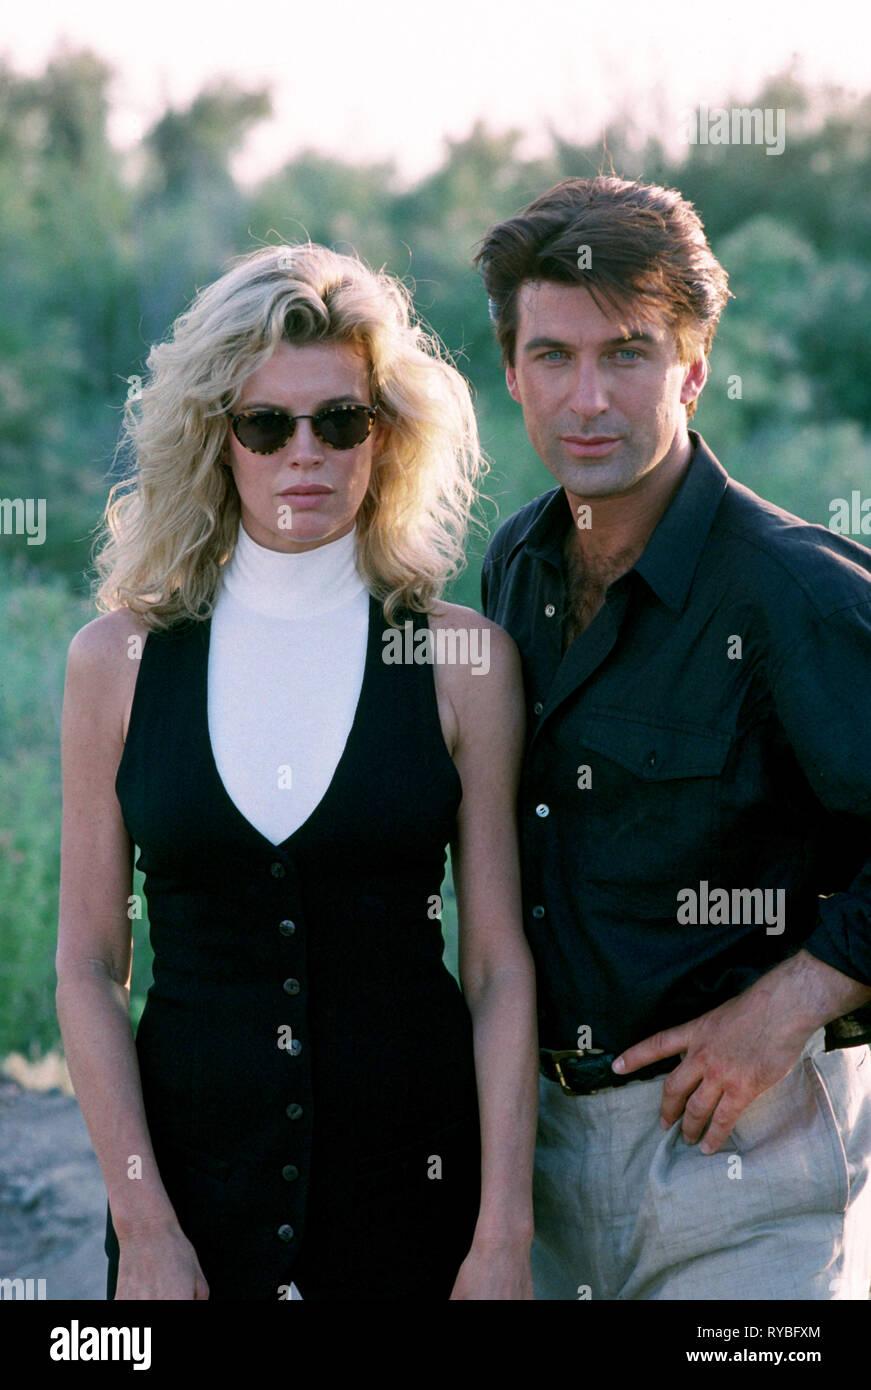 KIM BASINGER,ALEC BALDWIN, THE GETAWAY, 1994 - Stock Image